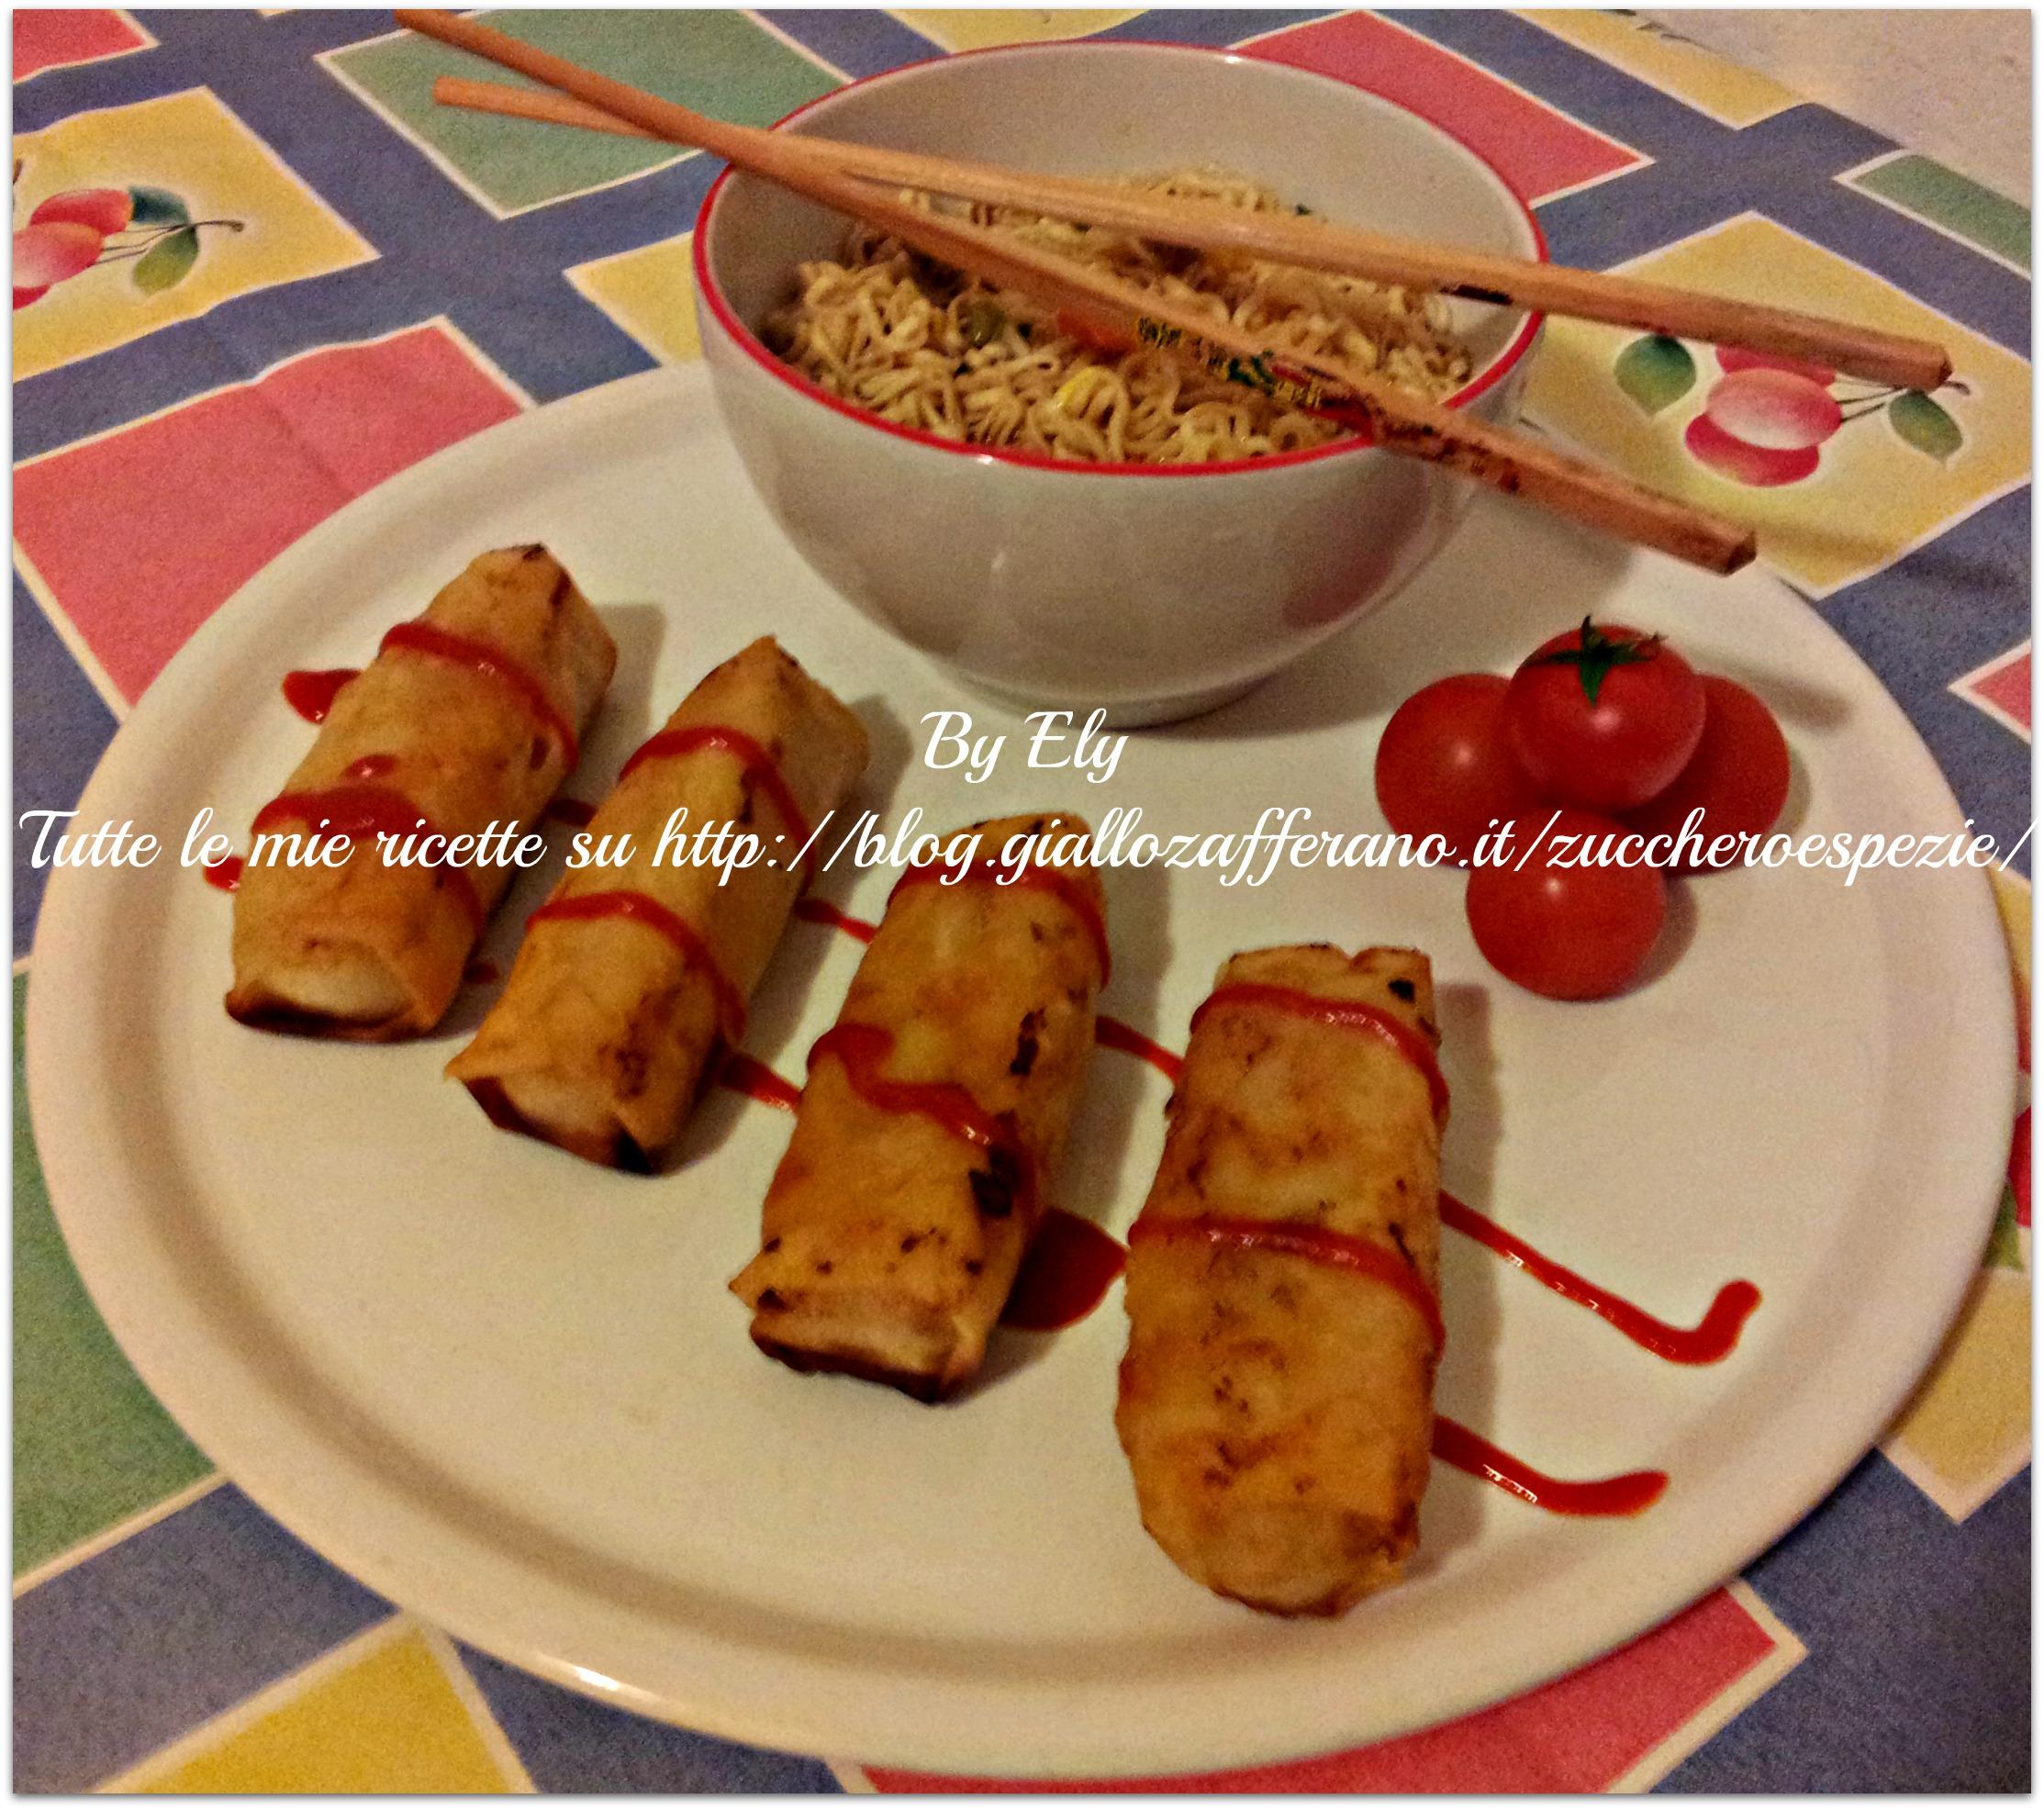 Oggi cucina nippo-cinese: Noodles e involtini primavera